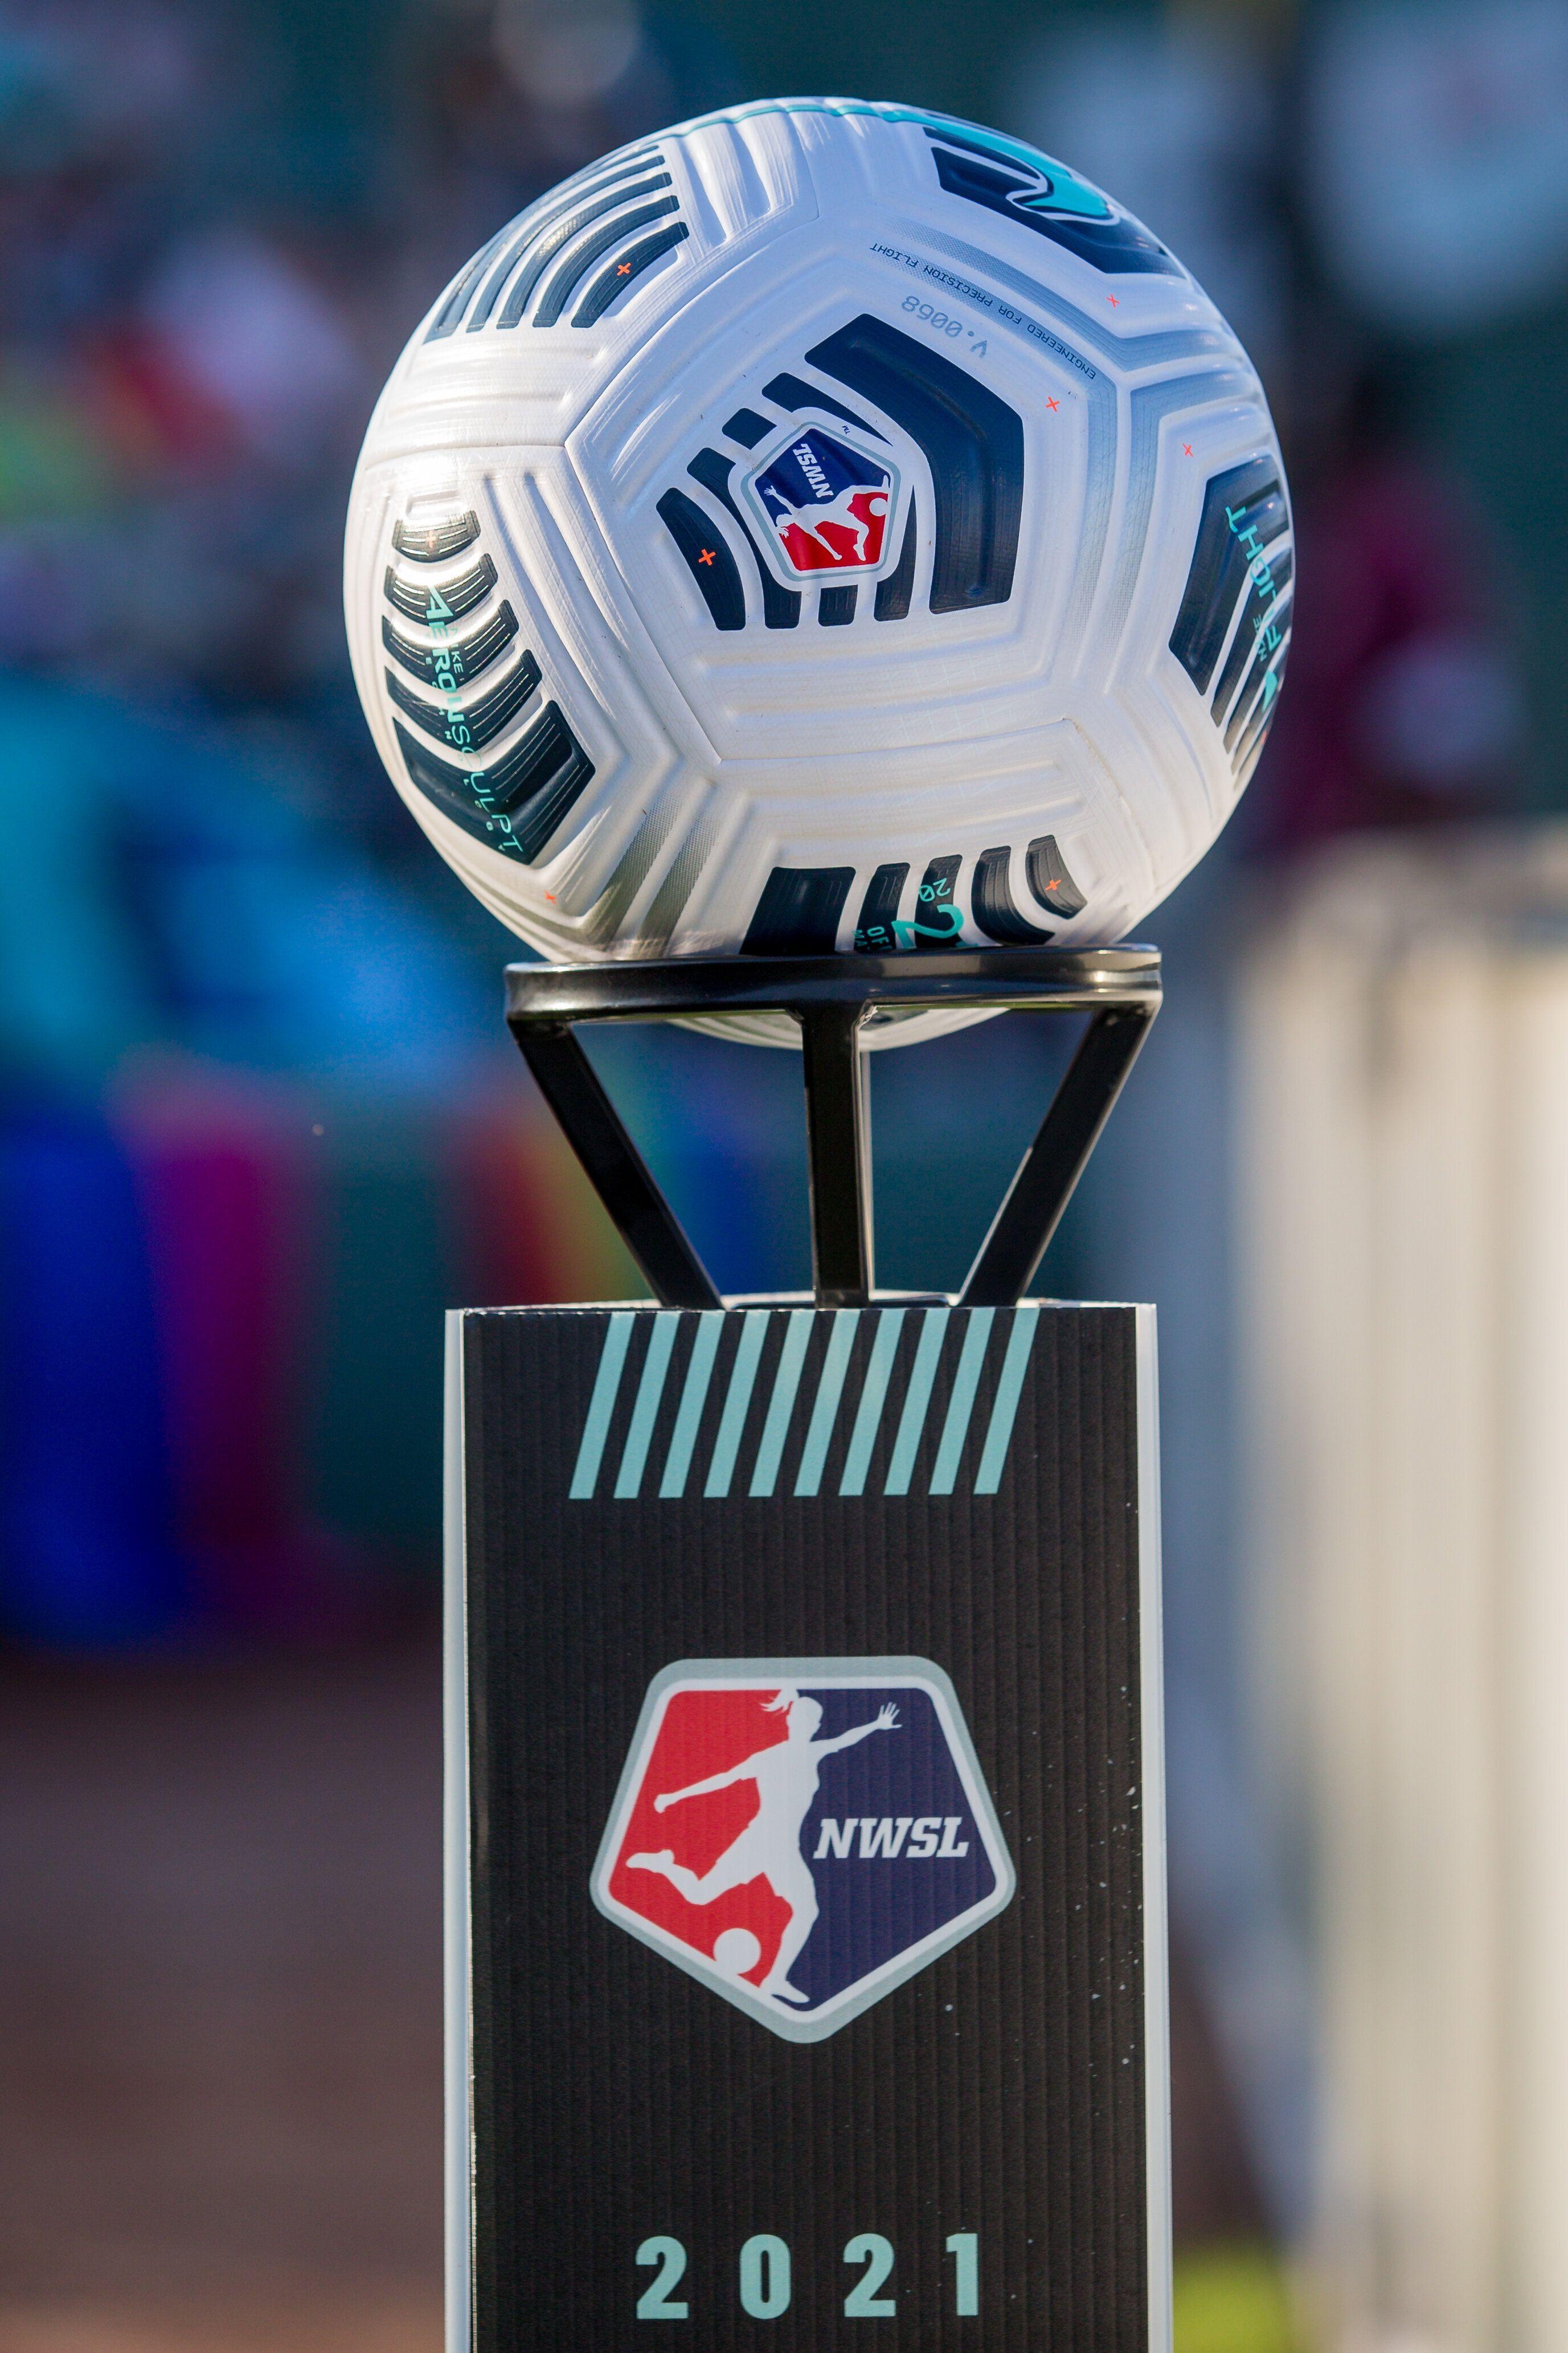 La Ligue de foot féminine nord-américaine au cœur d'un scandale sexuel, la Fifa ouvre...